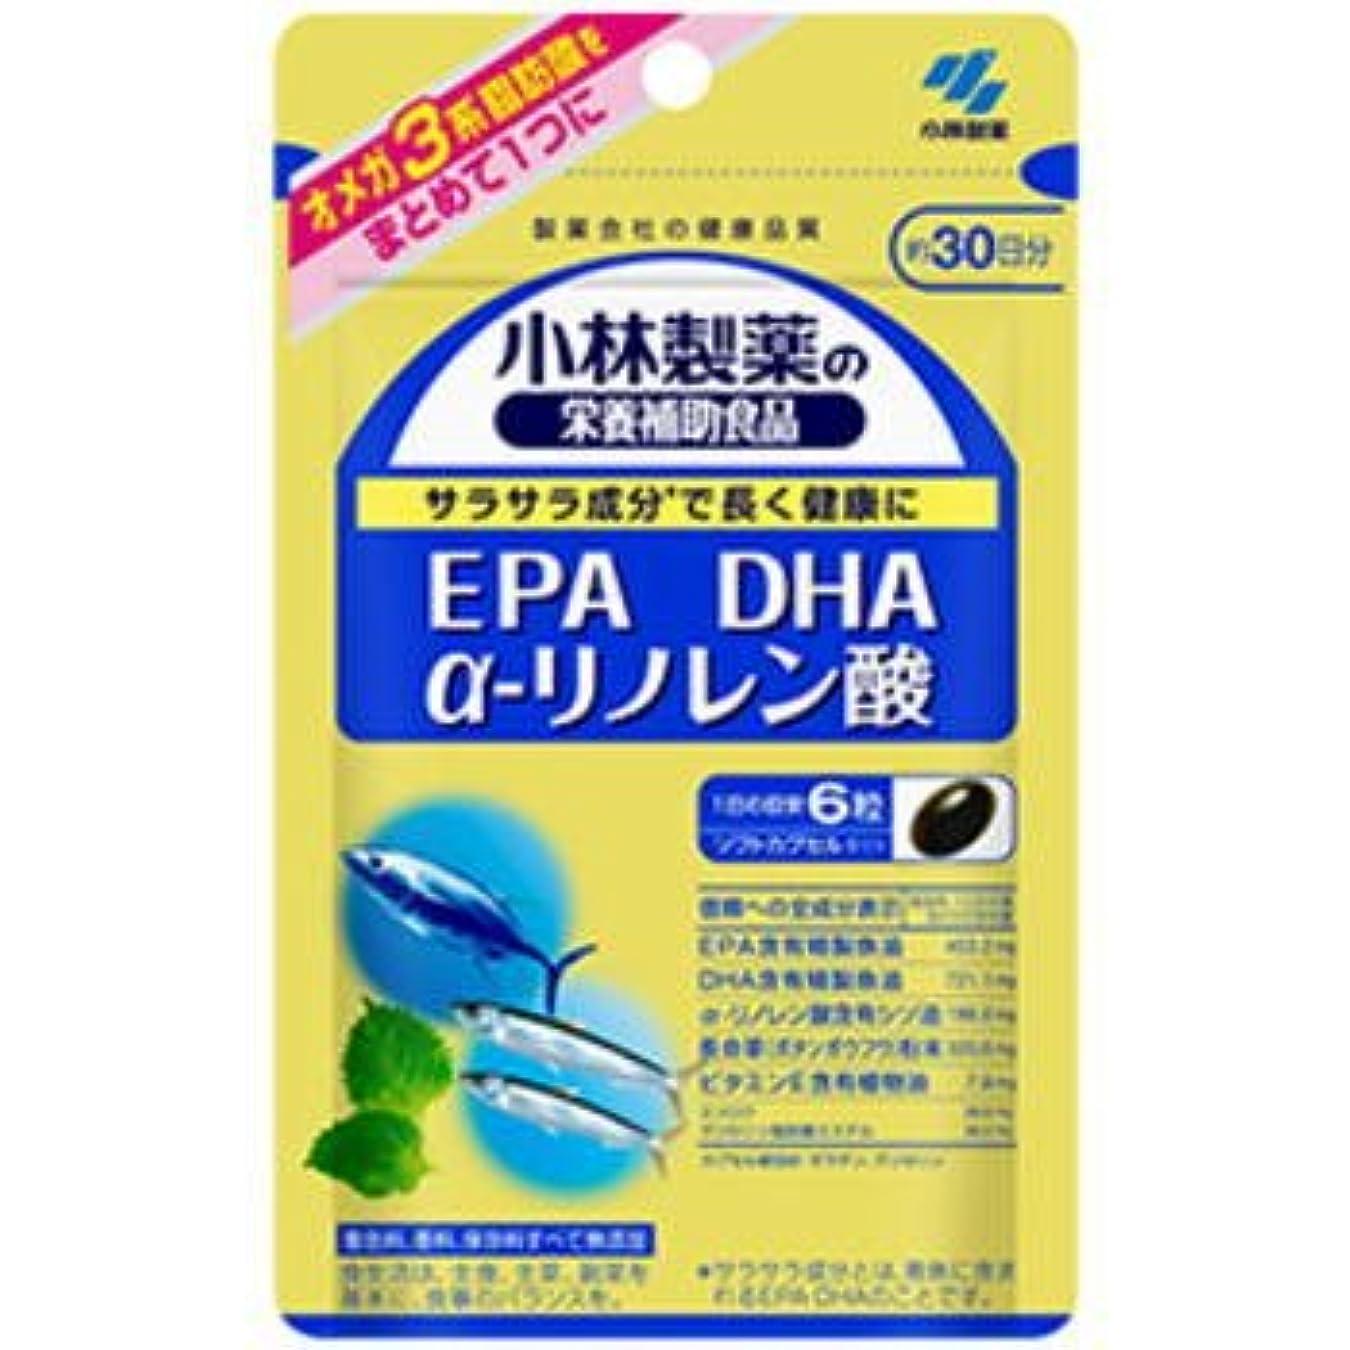 中断悪意のある傷跡小林製薬 EPA DHA α-リノレン酸 180粒×6個セット【ネコポス発送】